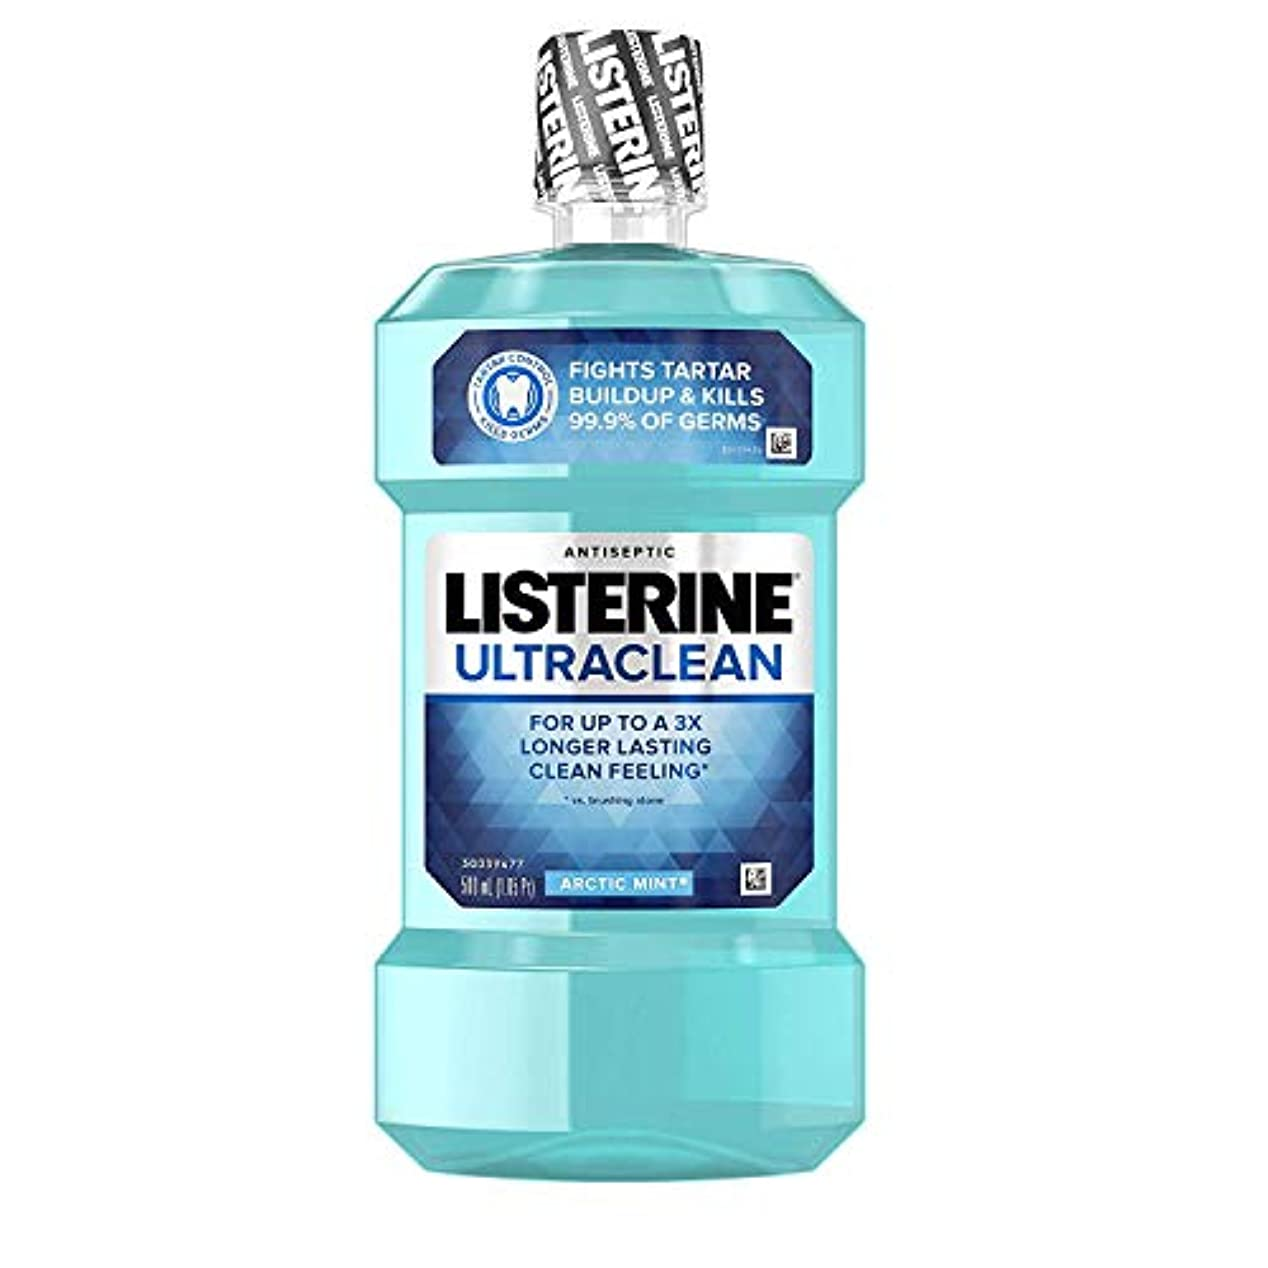 バンドル先住民ふざけたListerine ウルトラクリーン消毒うがい薬北極ミント - 16.9オズ、6パック